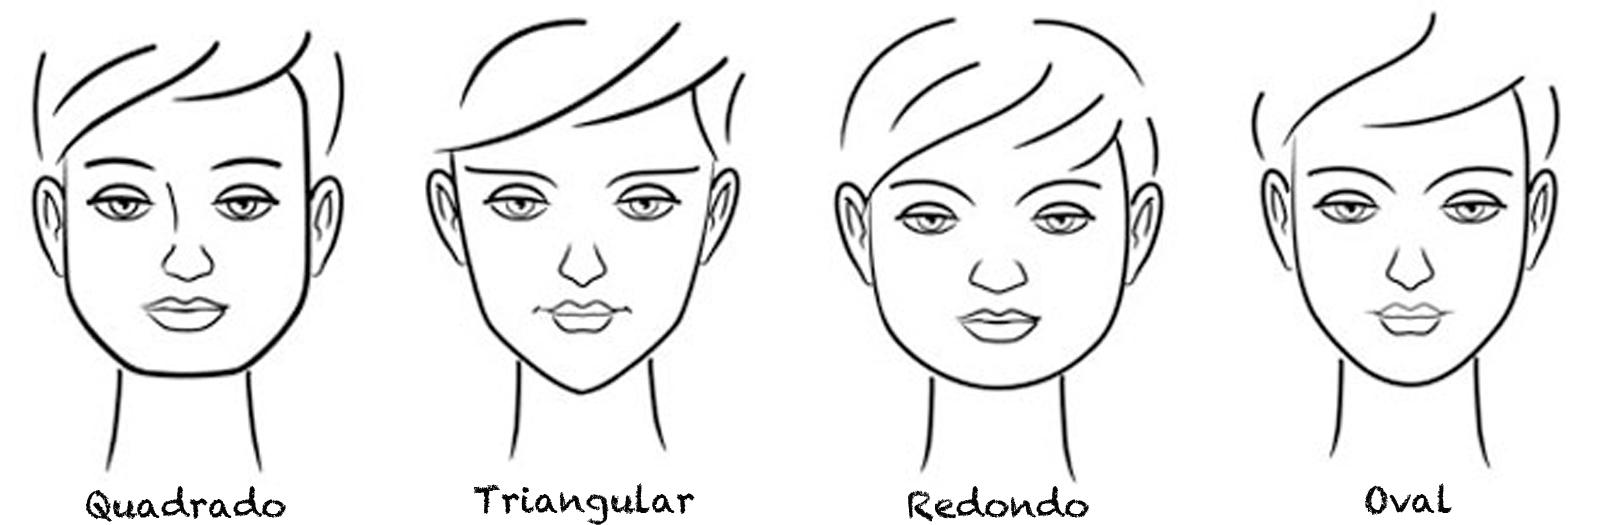 Resultado de imagem para tipos de rostos